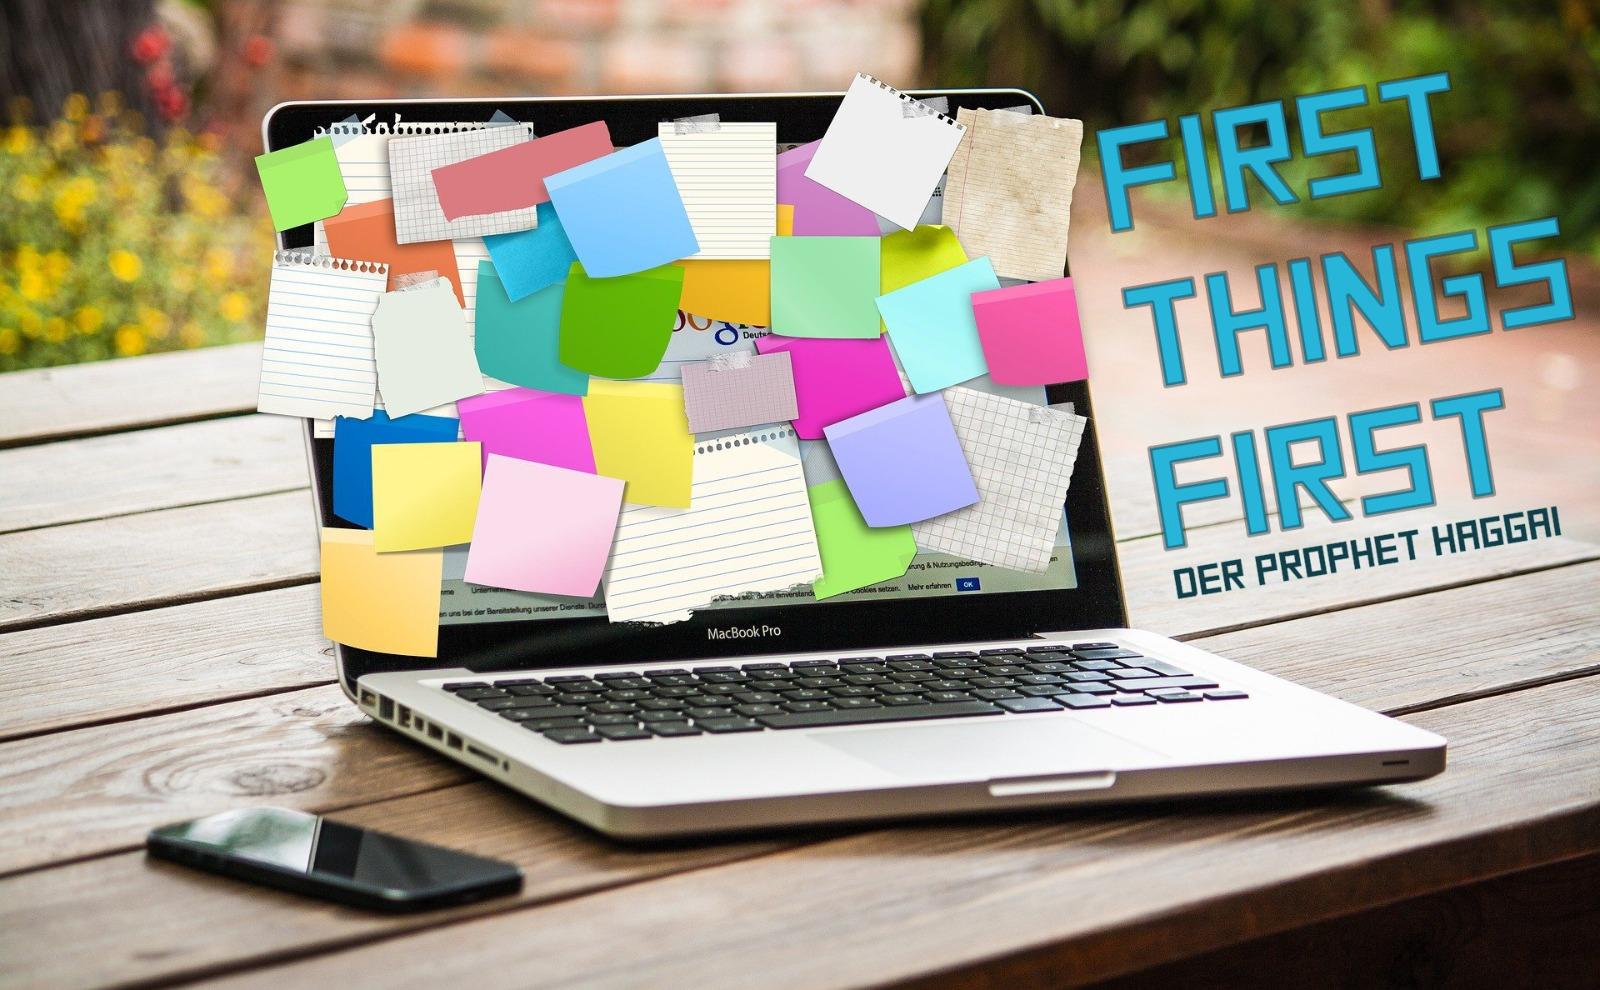 First Things First - Gottes Gegenwart suchen